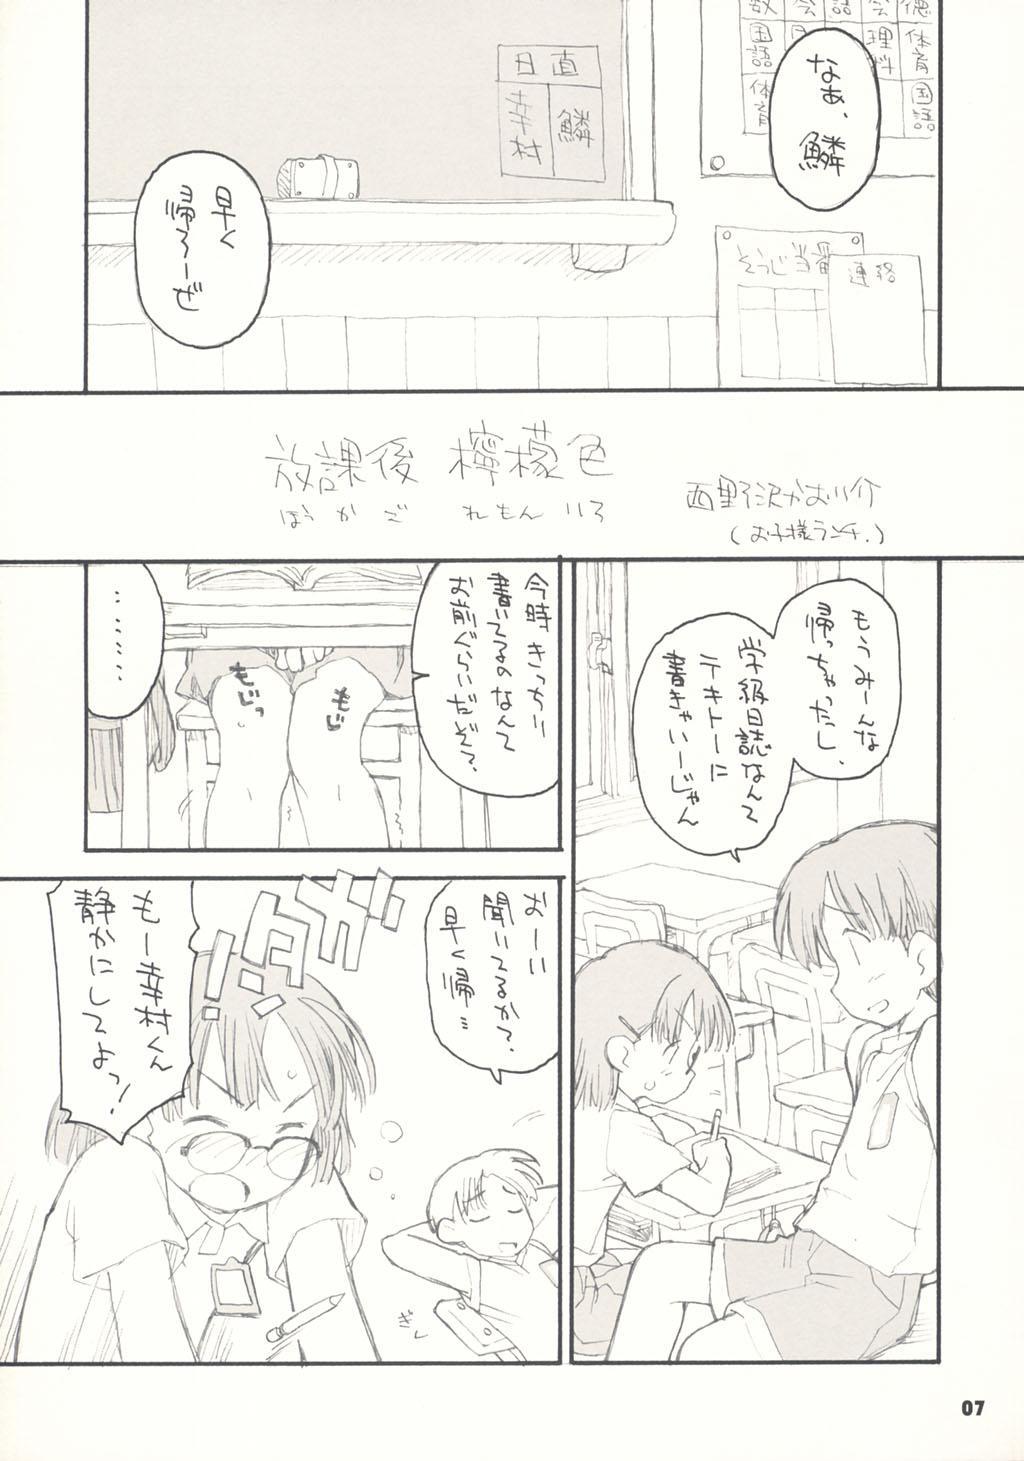 Tonari no Kimi 1-gakki 7